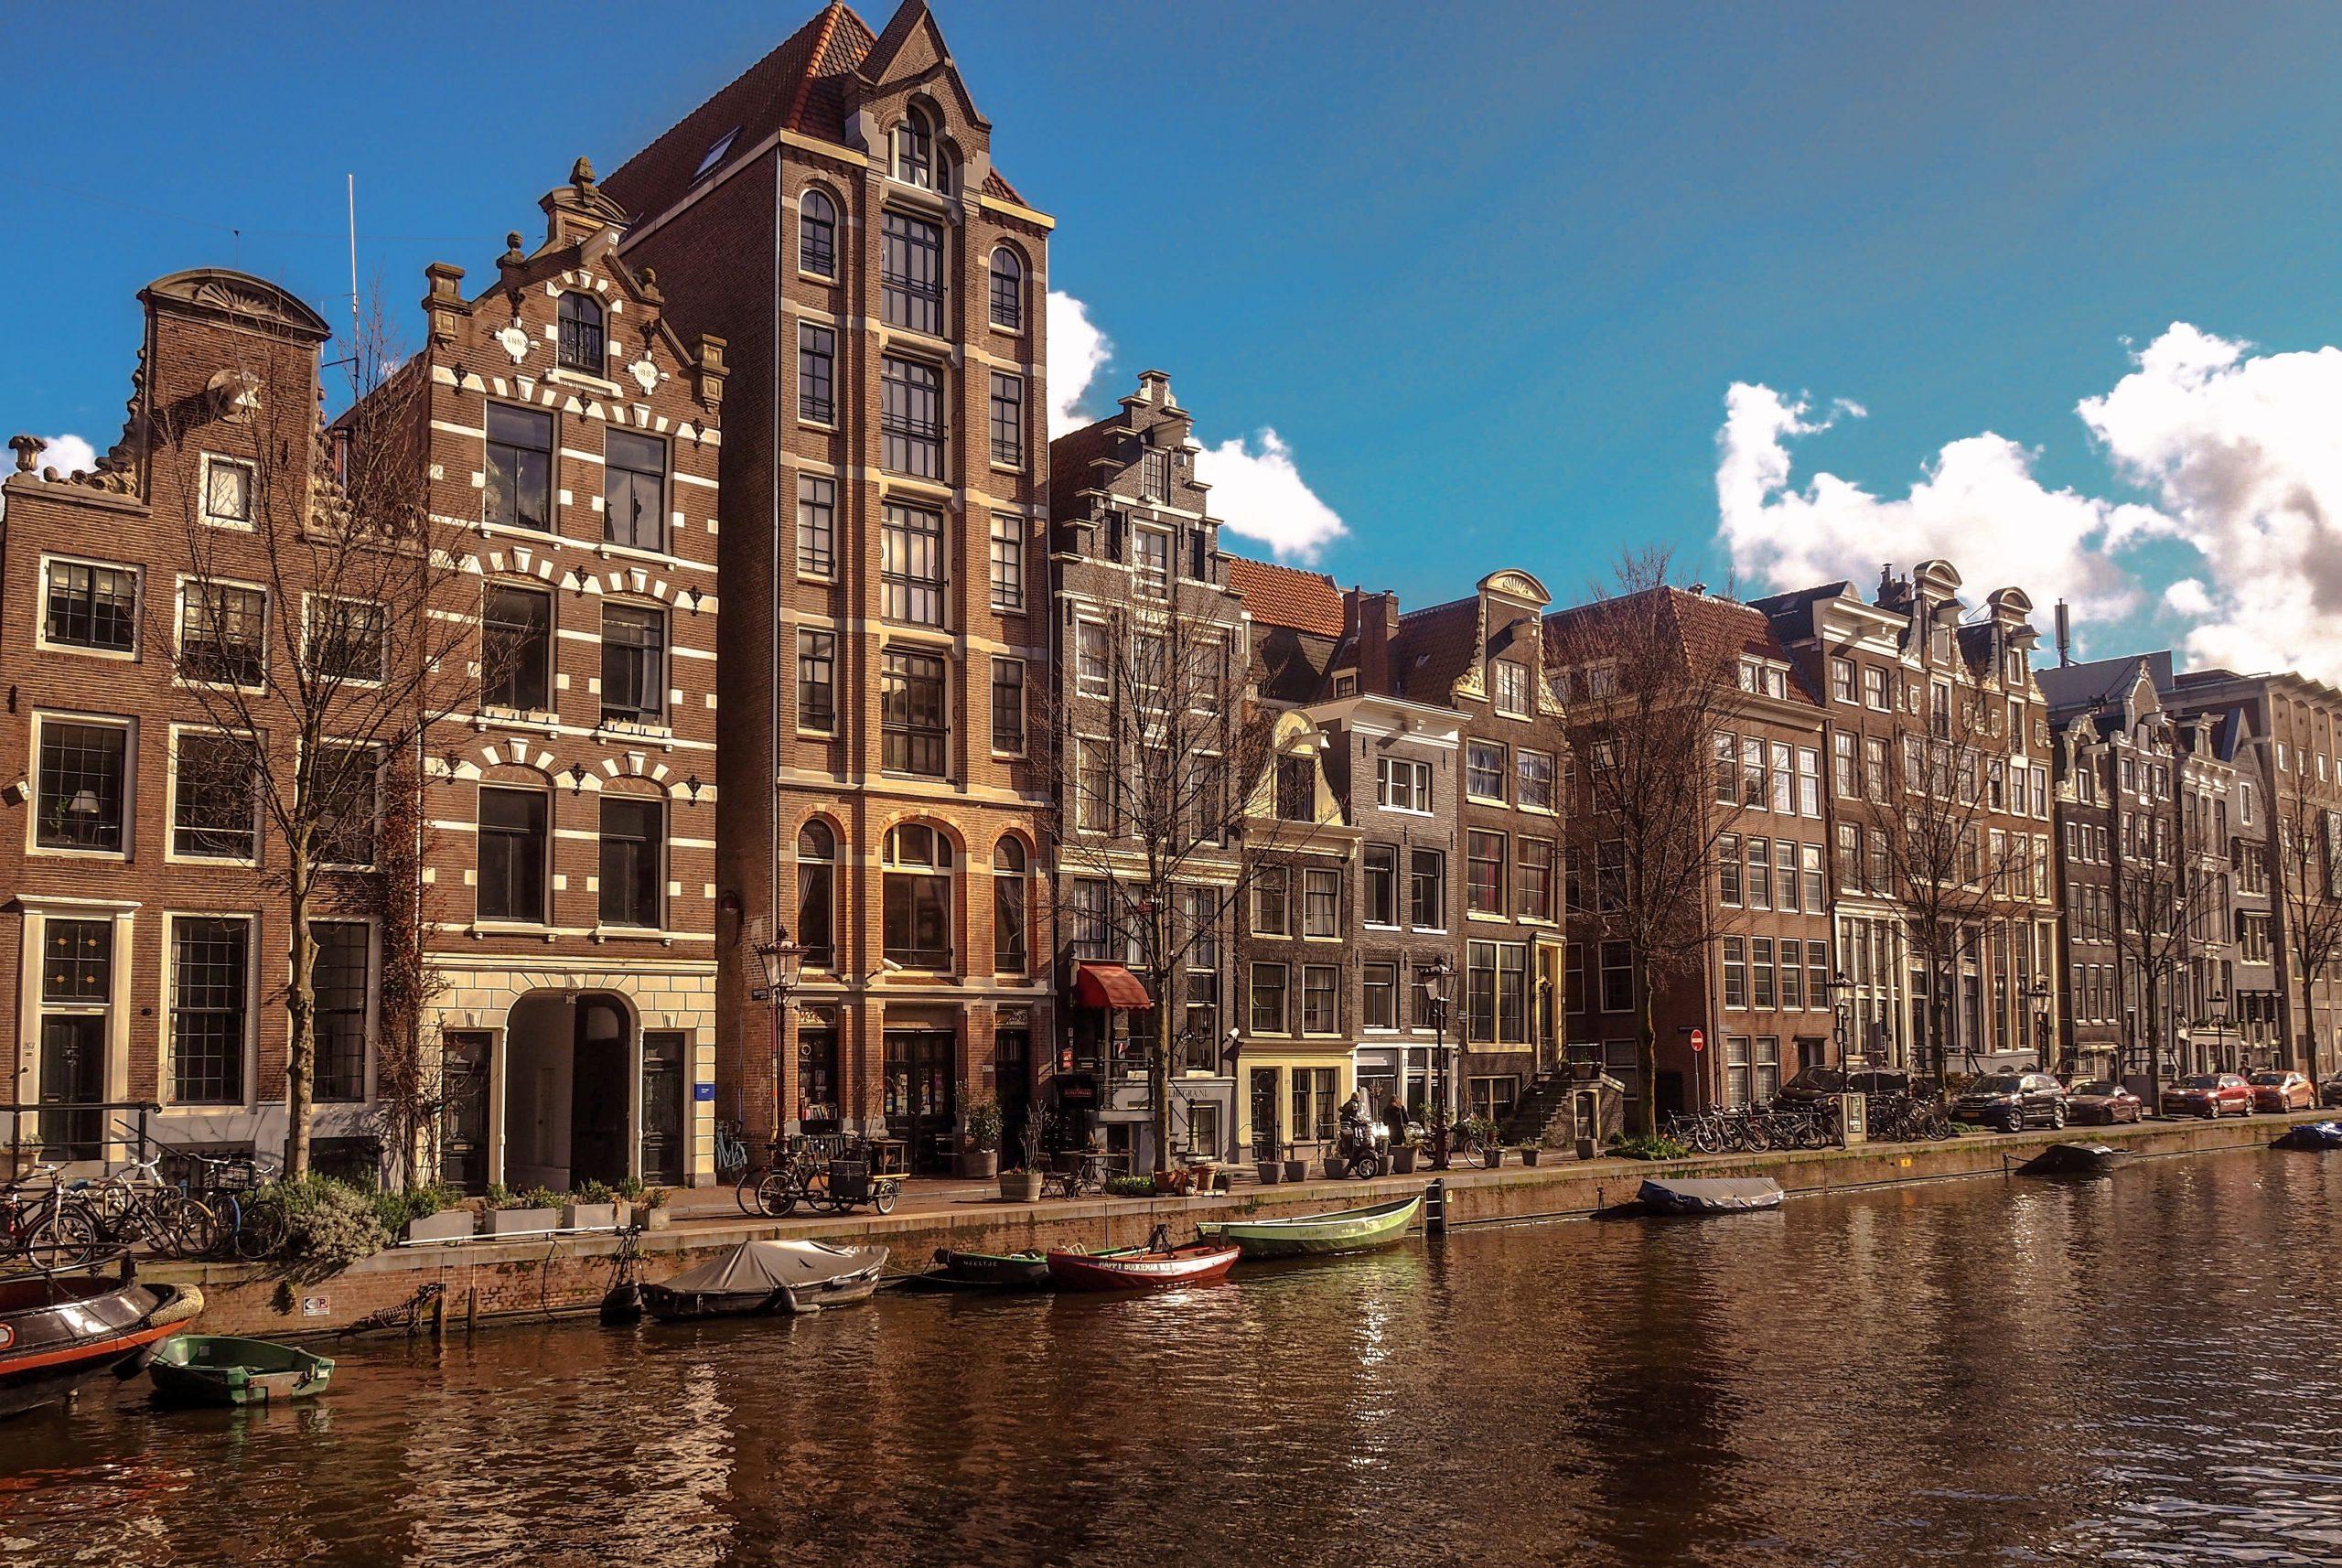 Voorgevel in Amsterdam aan een gracht